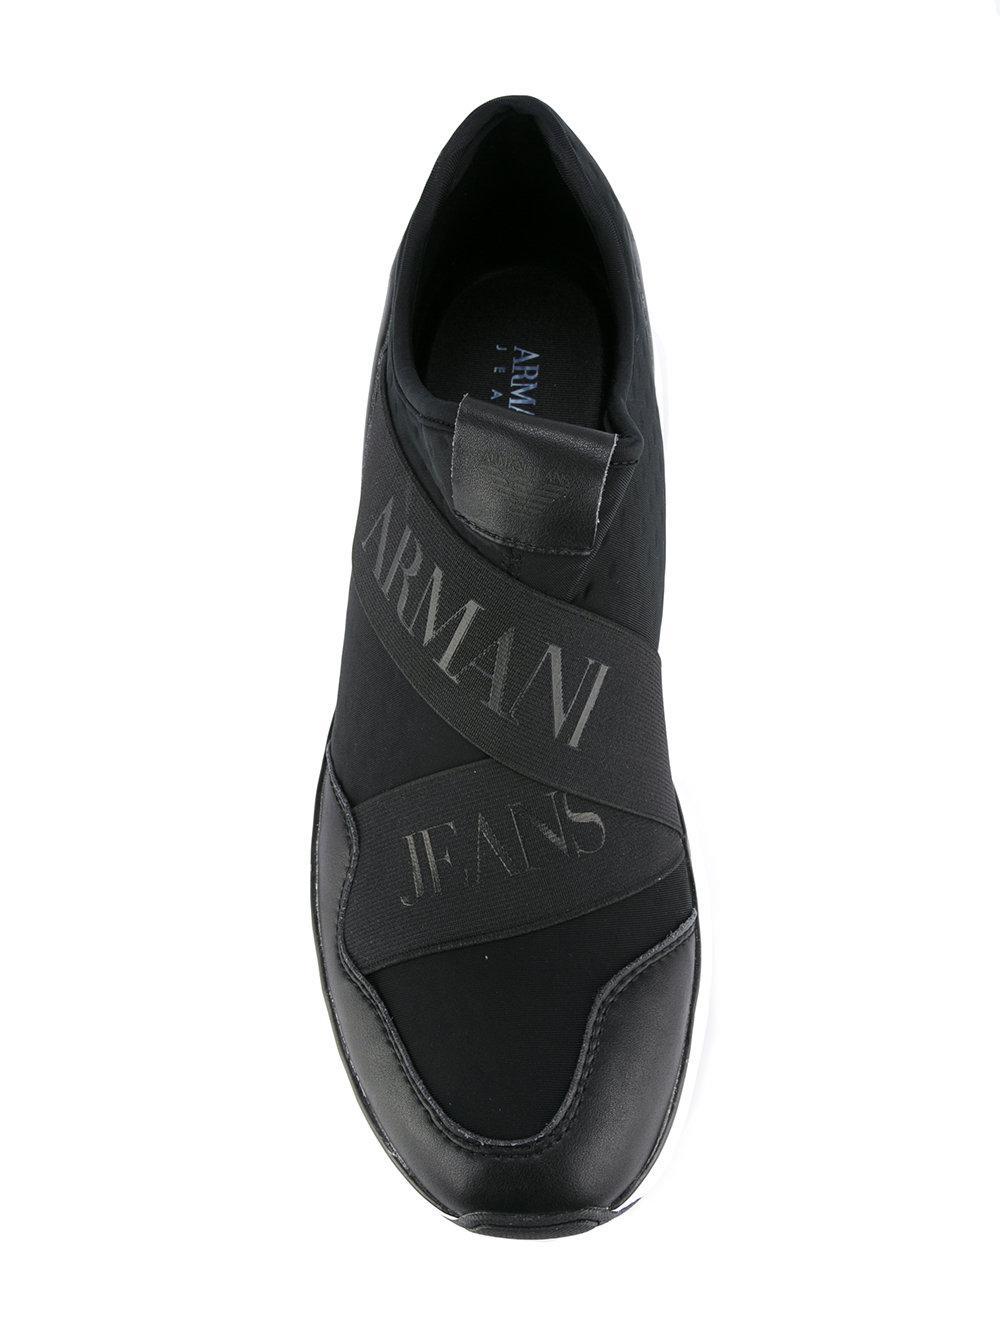 Armani Branded strap sneakers VKcoNBI3VG